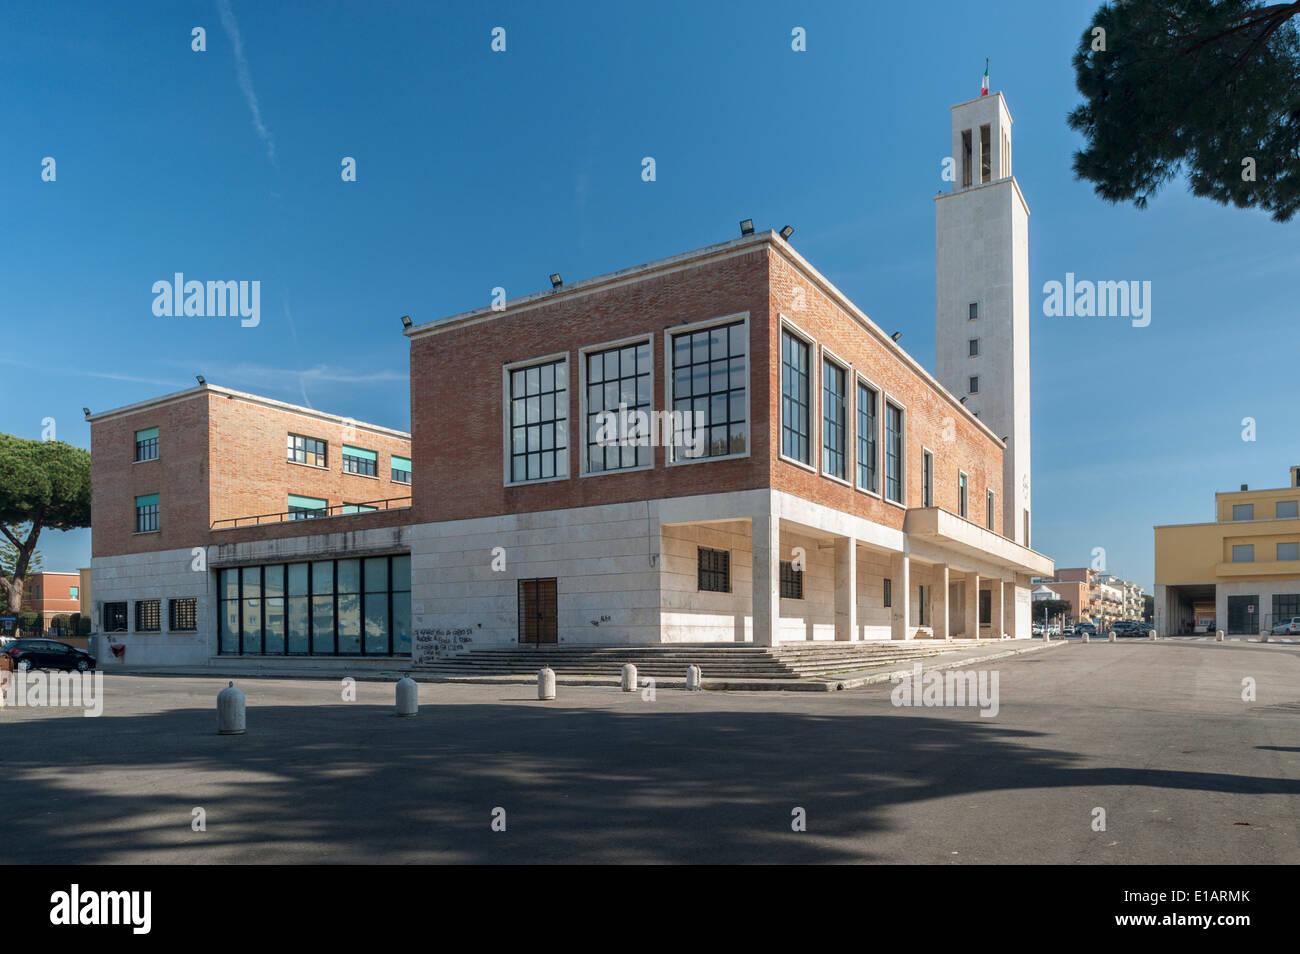 Hôtel de Ville avec sa tour, l'architecture monumentale, l'Italien rationalisme, Sabaudia, lazio, Italie Photo Stock